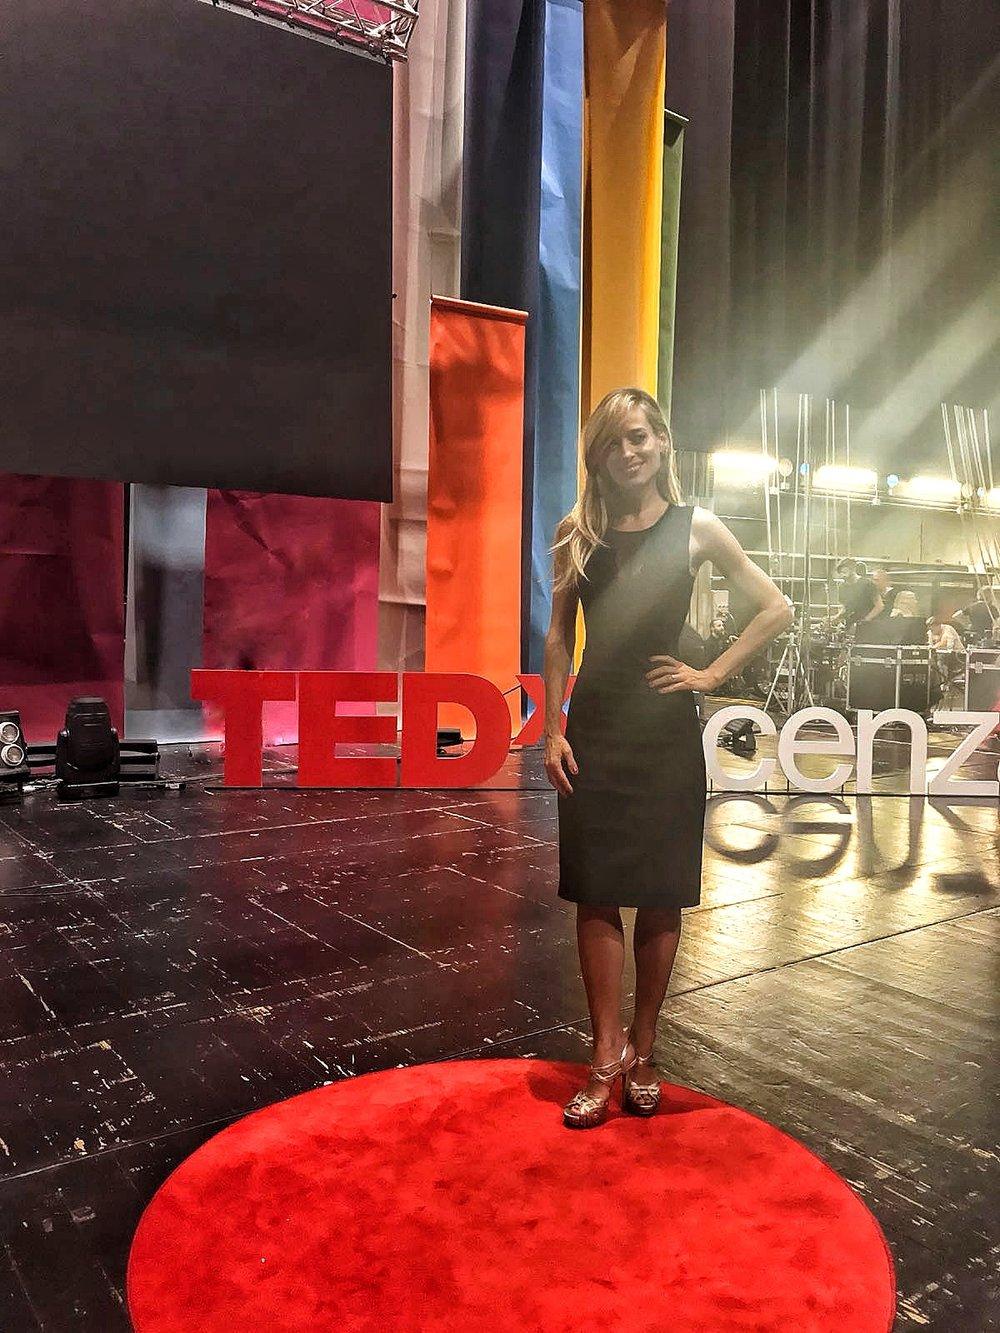 Jessica sul palco dell'evento TED in una pausa dalla conduzione